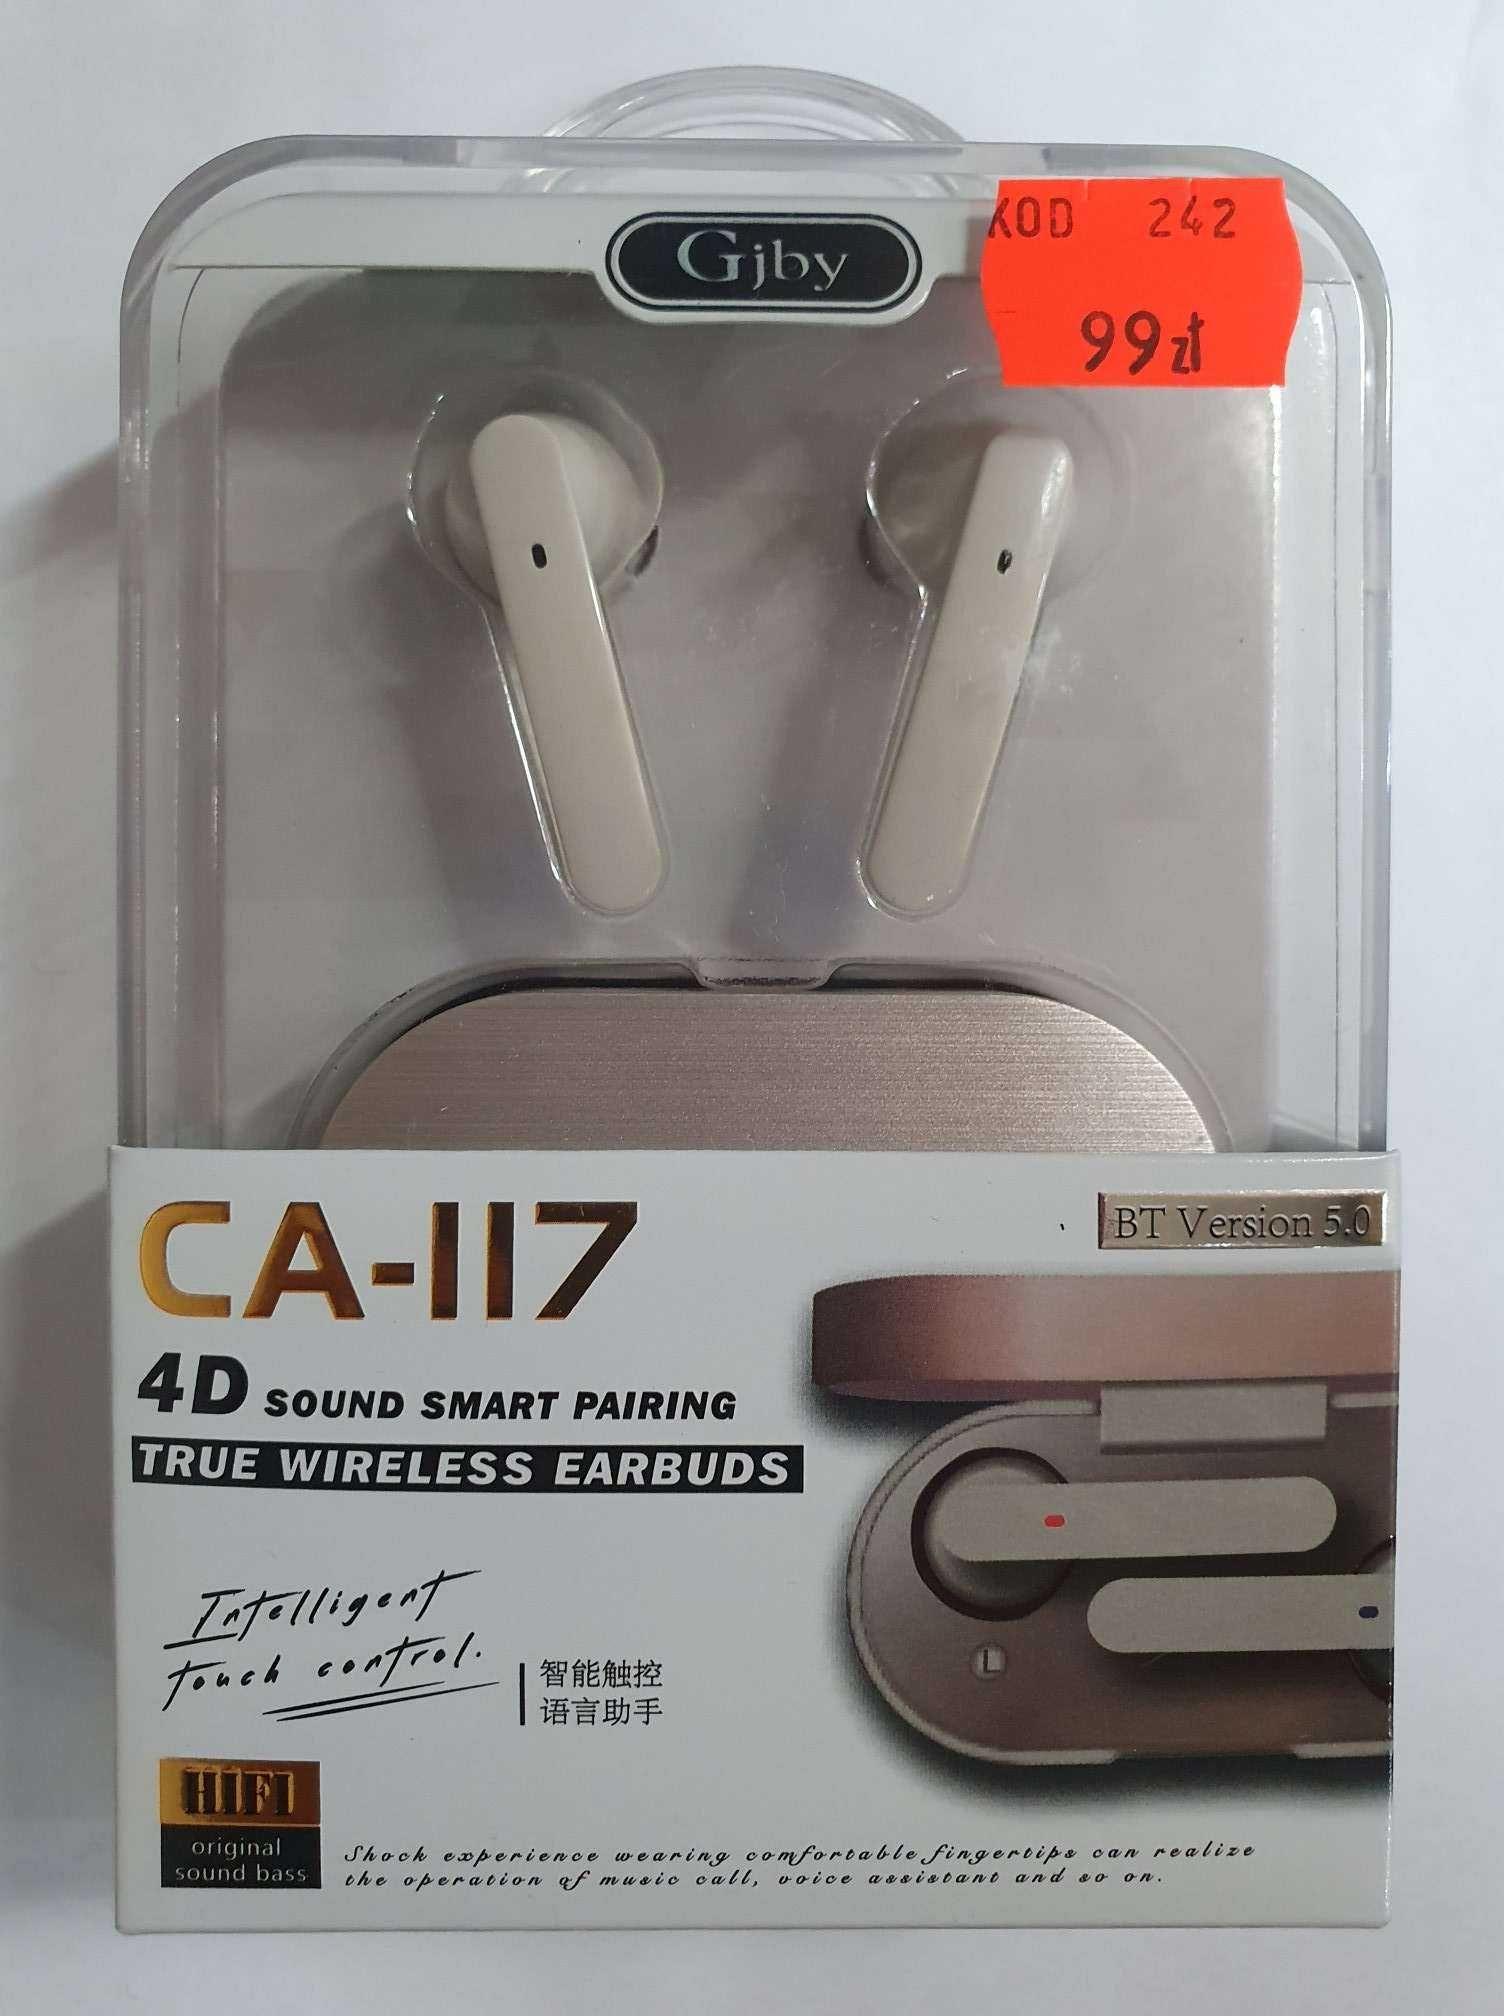 NOWE słuchawki bezprzewodowe GJBY CA-117 szare lombard Madej sc